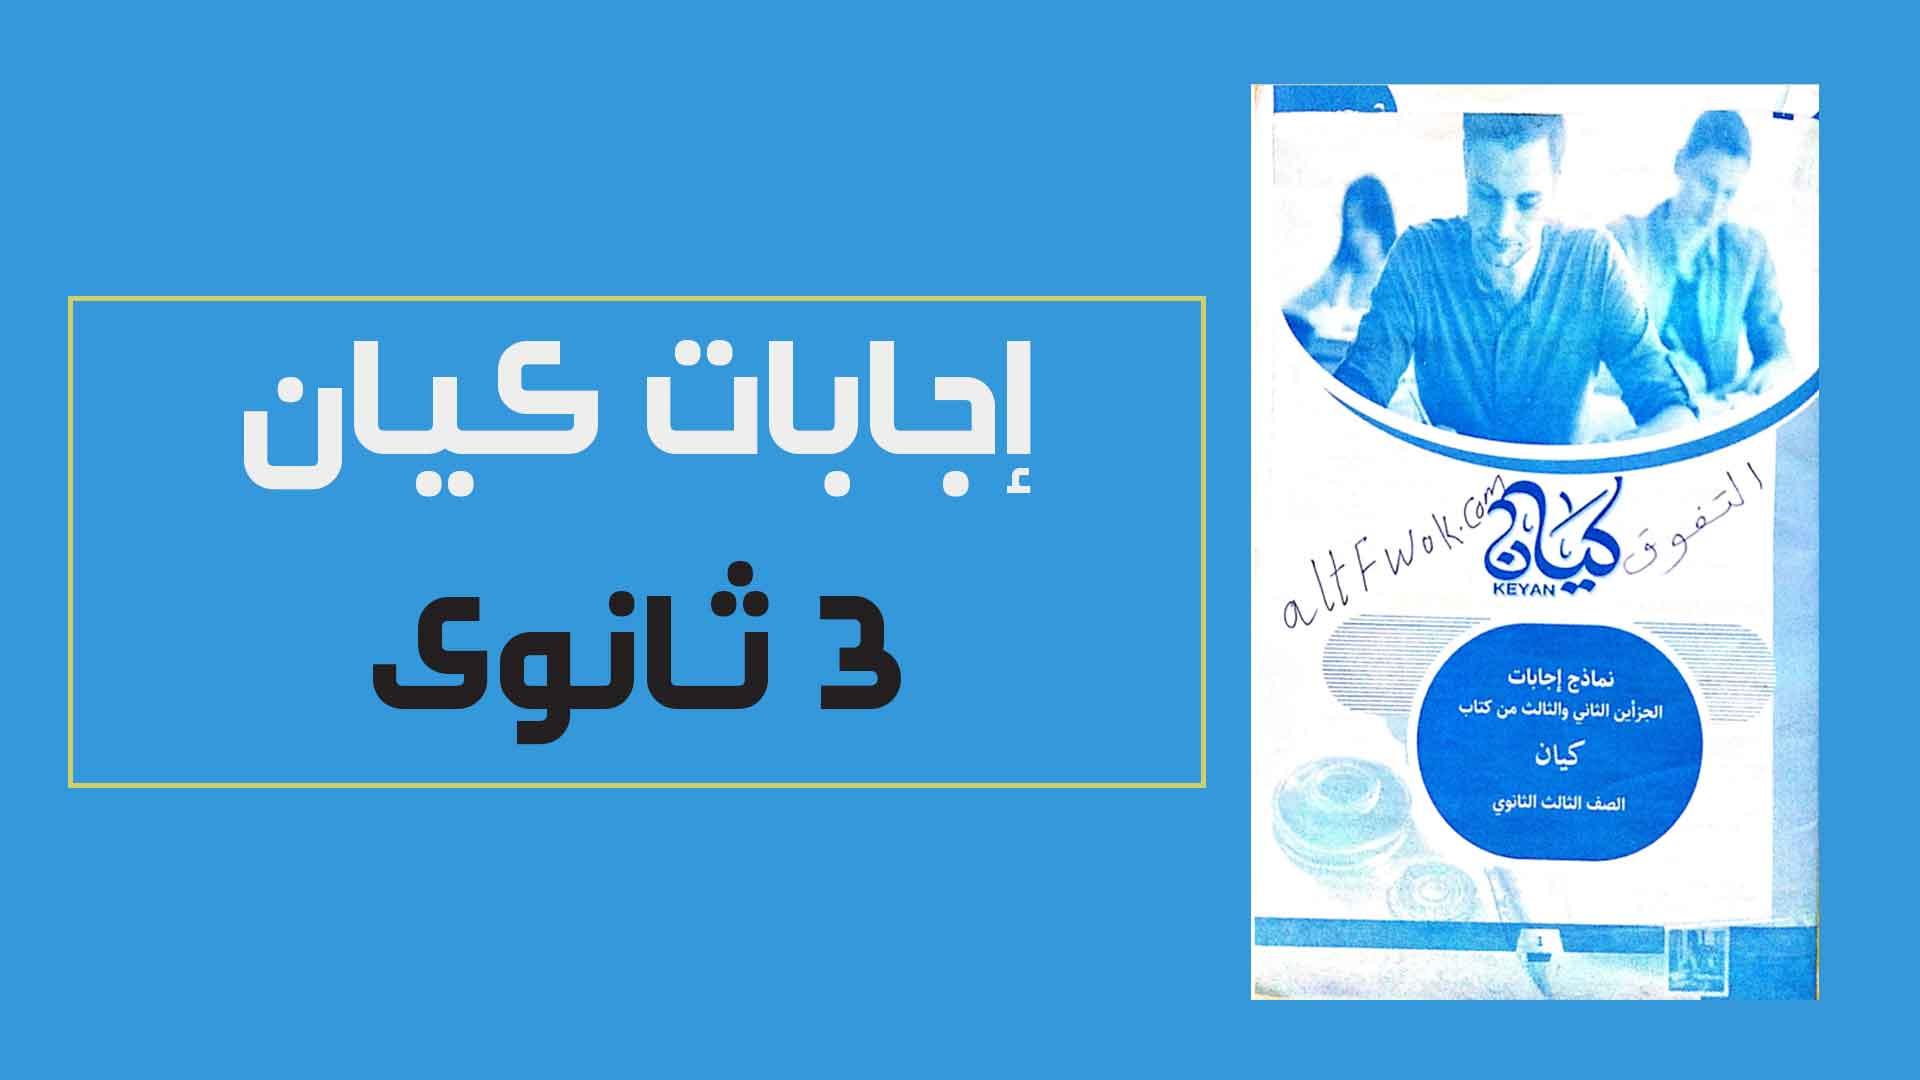 اجابات كتاب كيان فى اللغة العربية للصف الثالث الثانوى 2022